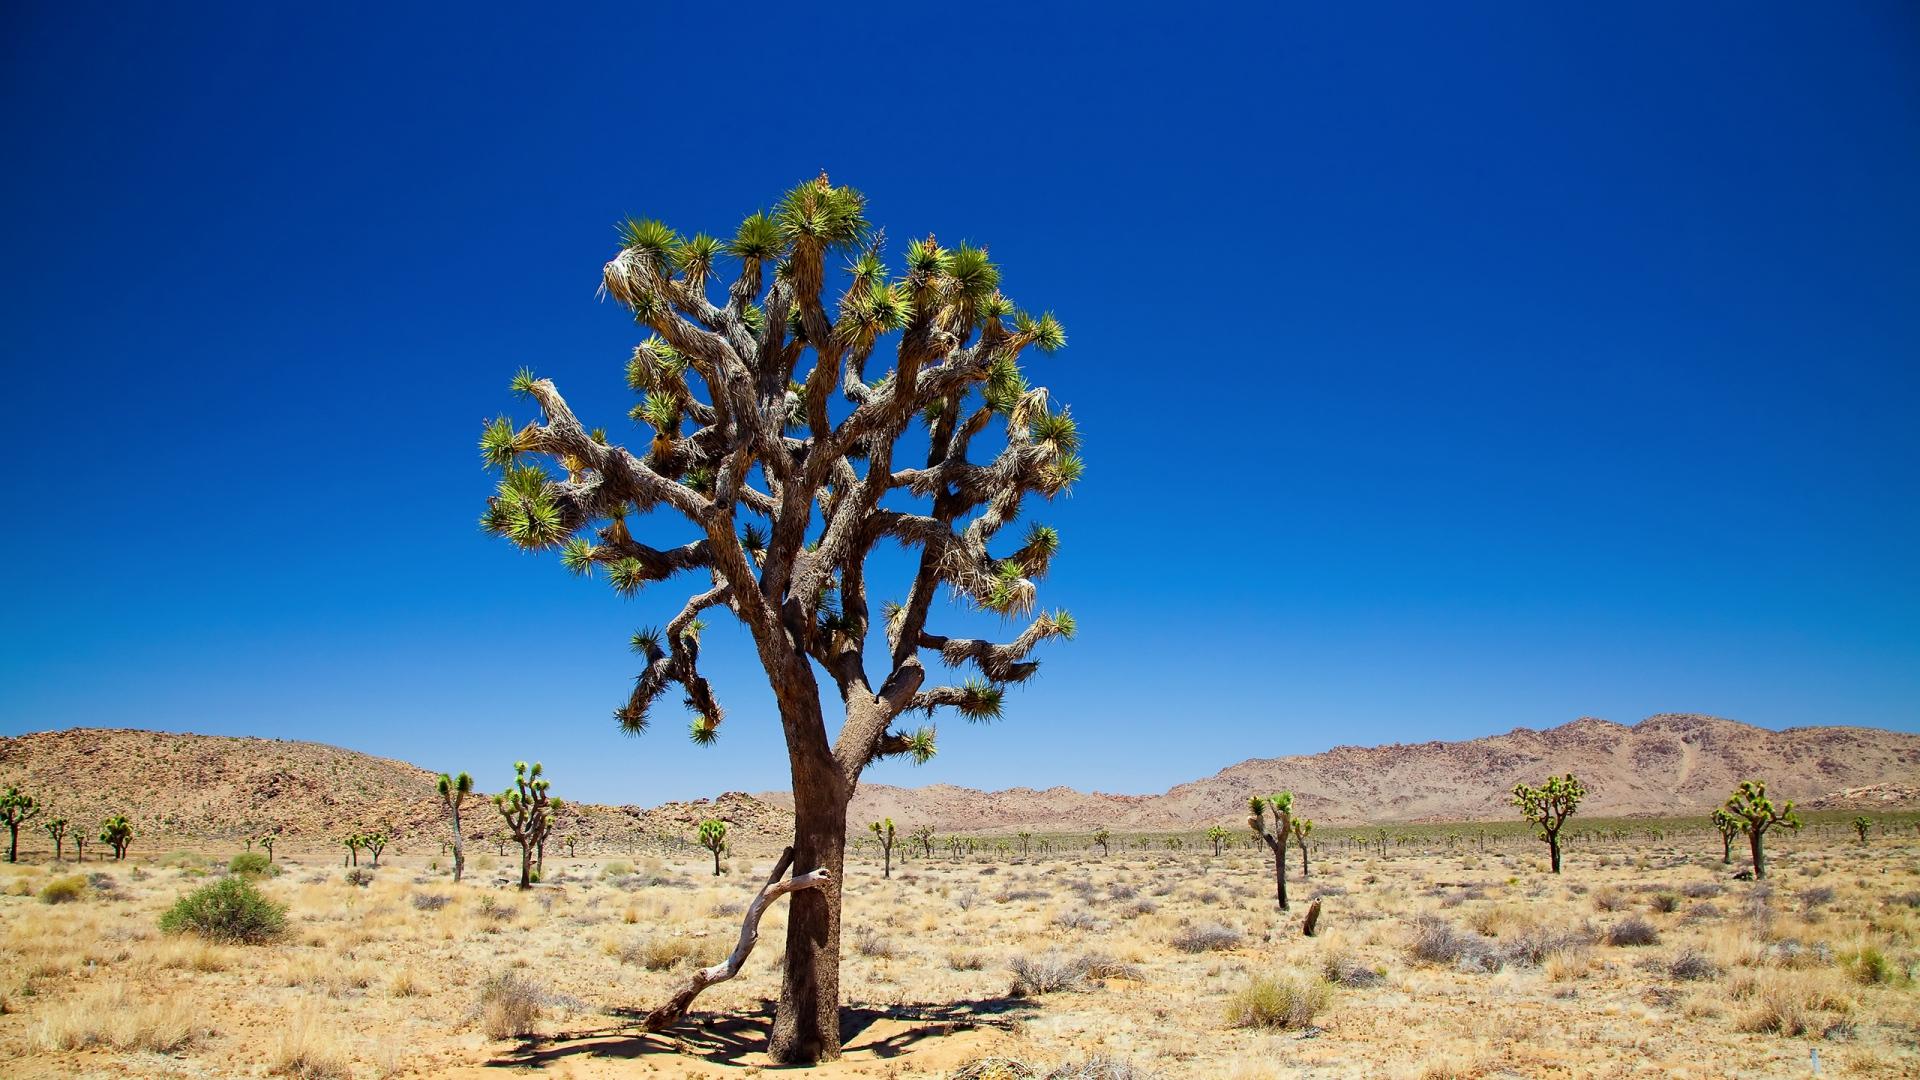 Download Wallpaper 1920x1080 desert, tree, vegetation Full ...